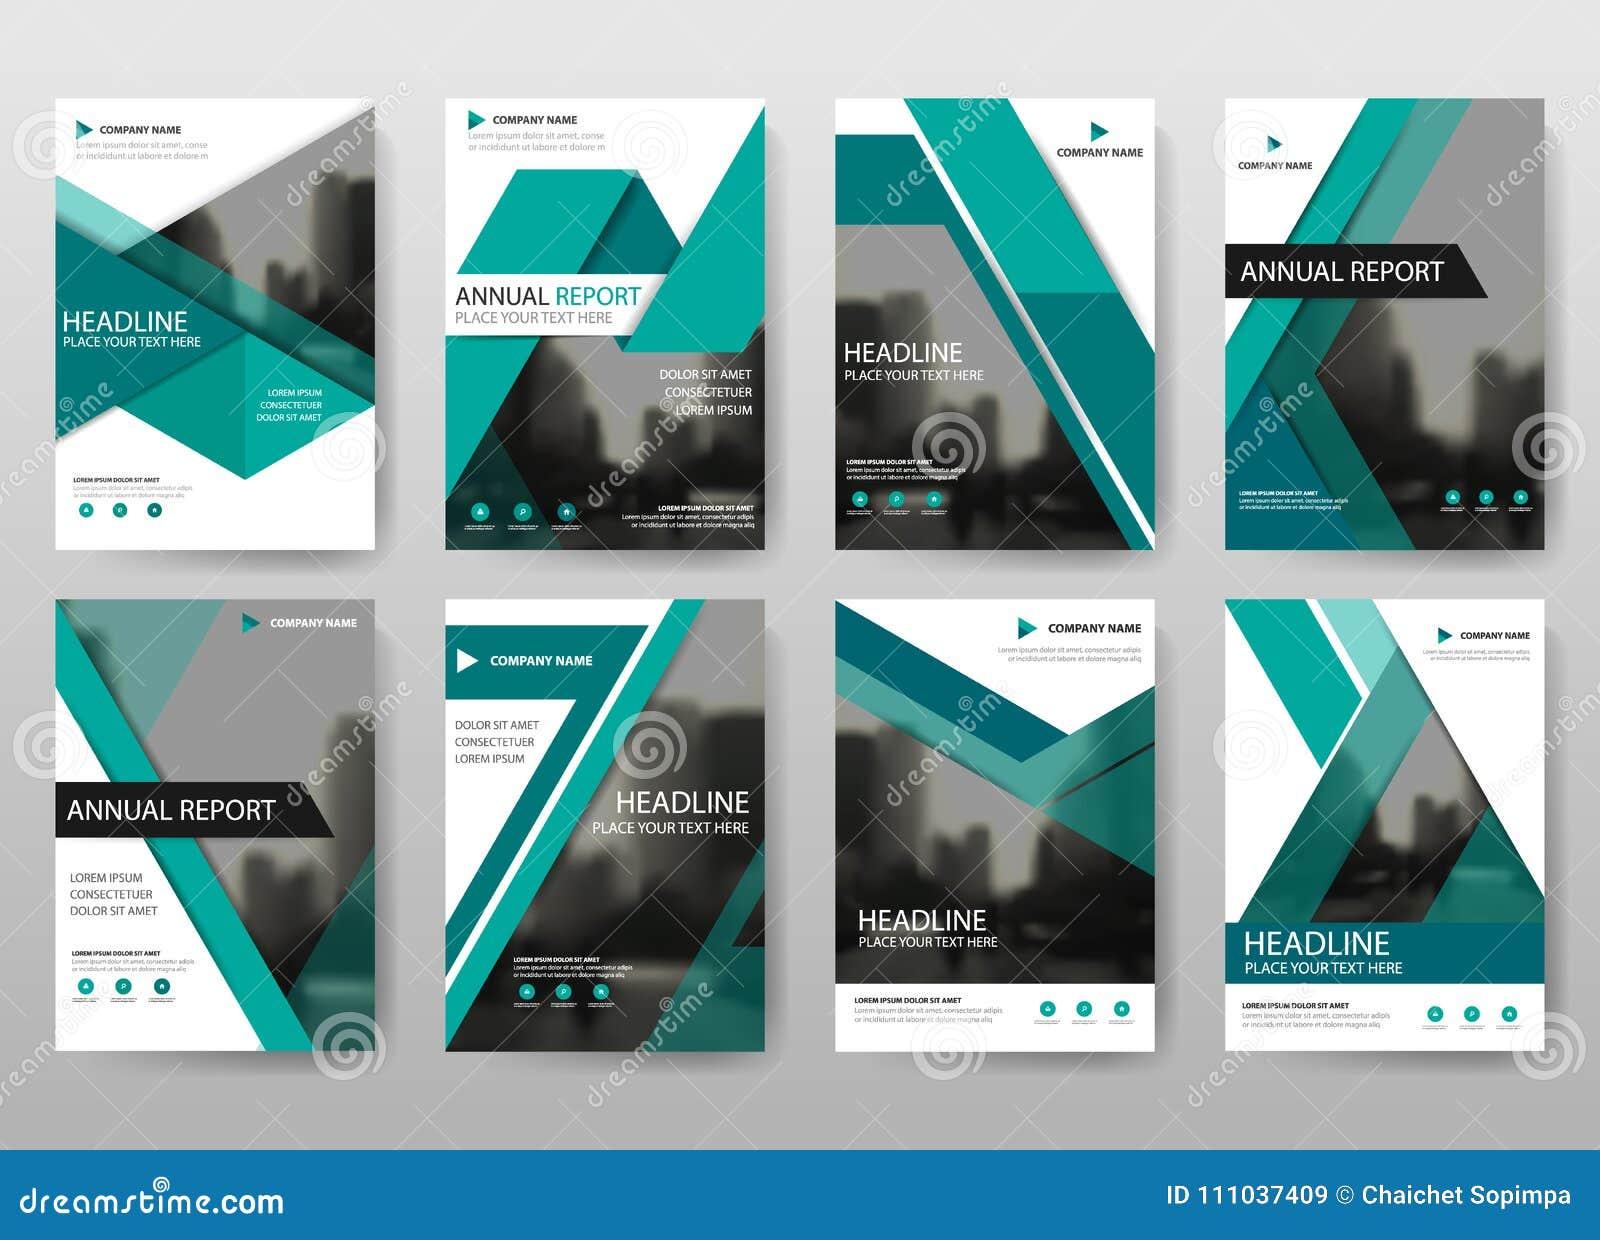 Πράσινο διάνυσμα προτύπων σχεδίου ιπτάμενων φυλλάδιων ετήσια εκθέσεων δεσμών, αφηρημένο επίπεδο υπόβαθρο παρουσίασης κάλυψης φυλλ